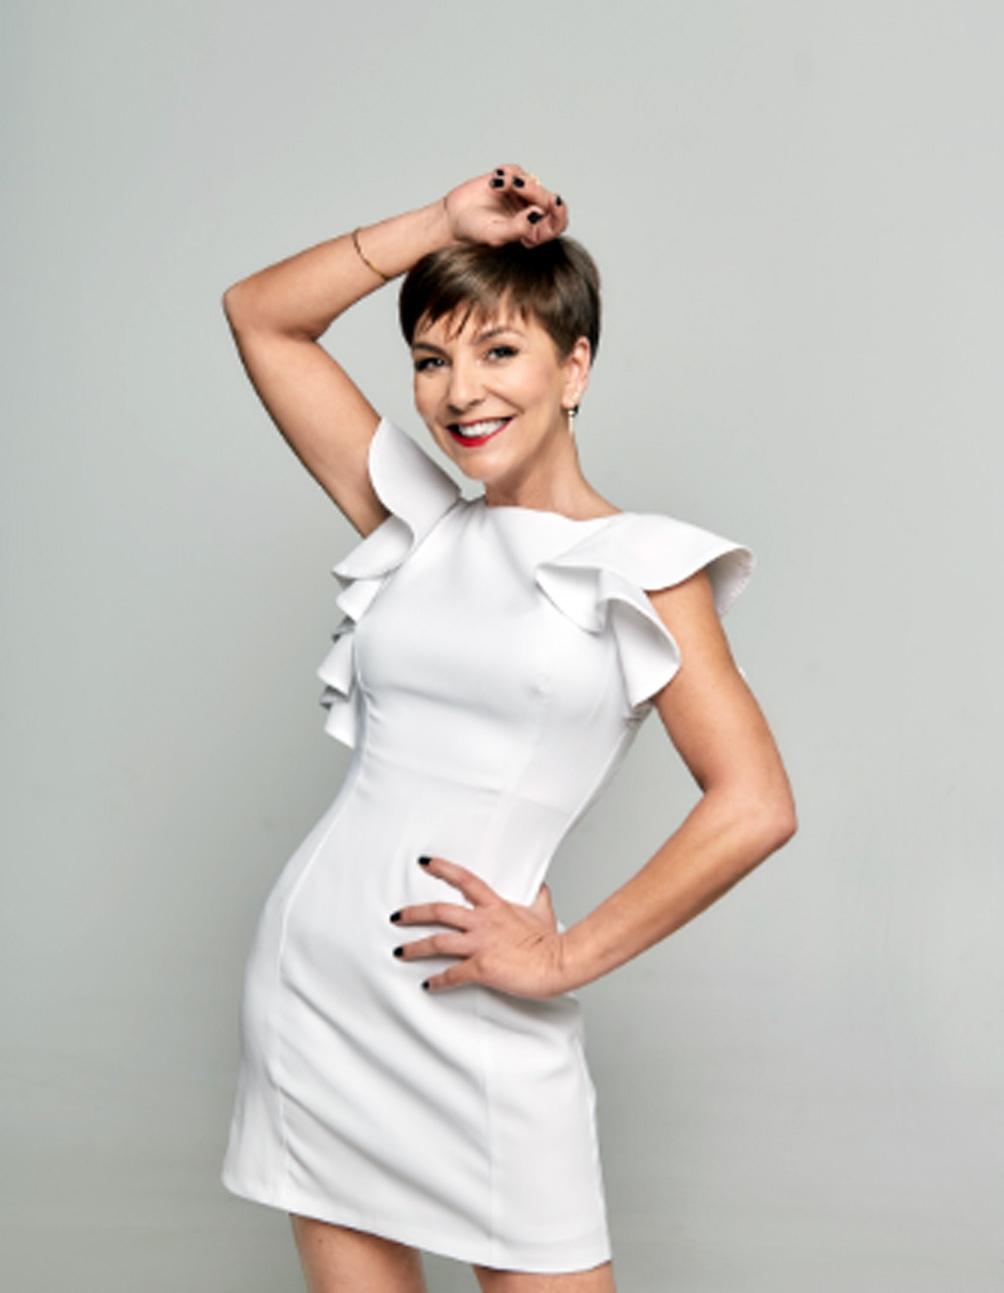 La presentadora chilena es muy popular en su país.